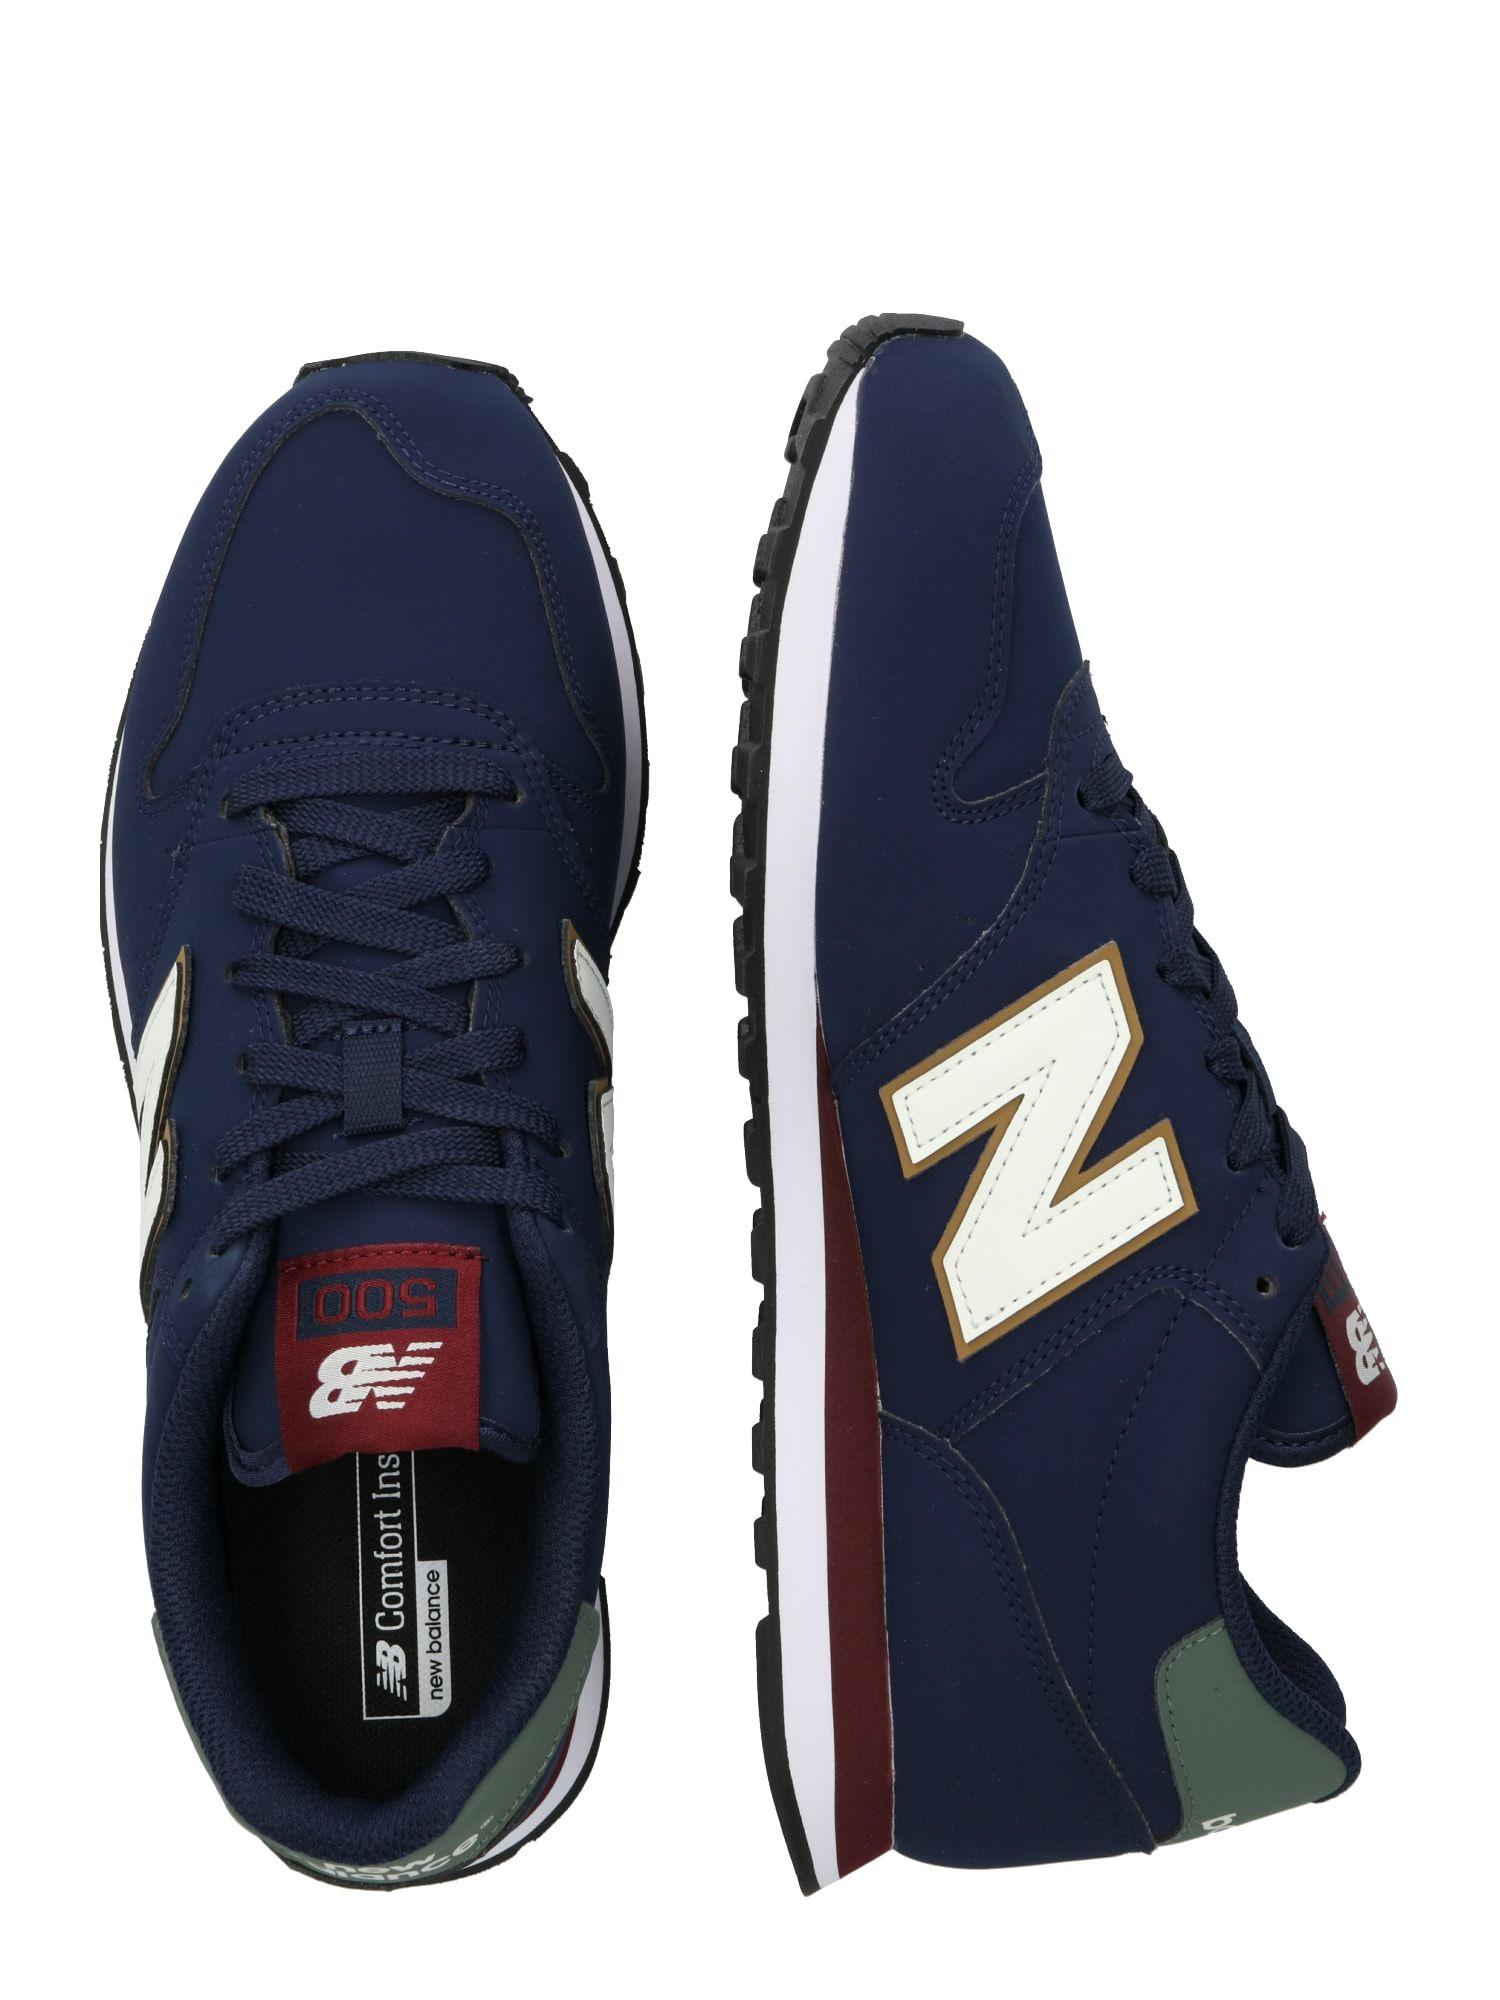 New Balance Sneaker 'GM500WB' Herren, Navy / Dunkelblau ...